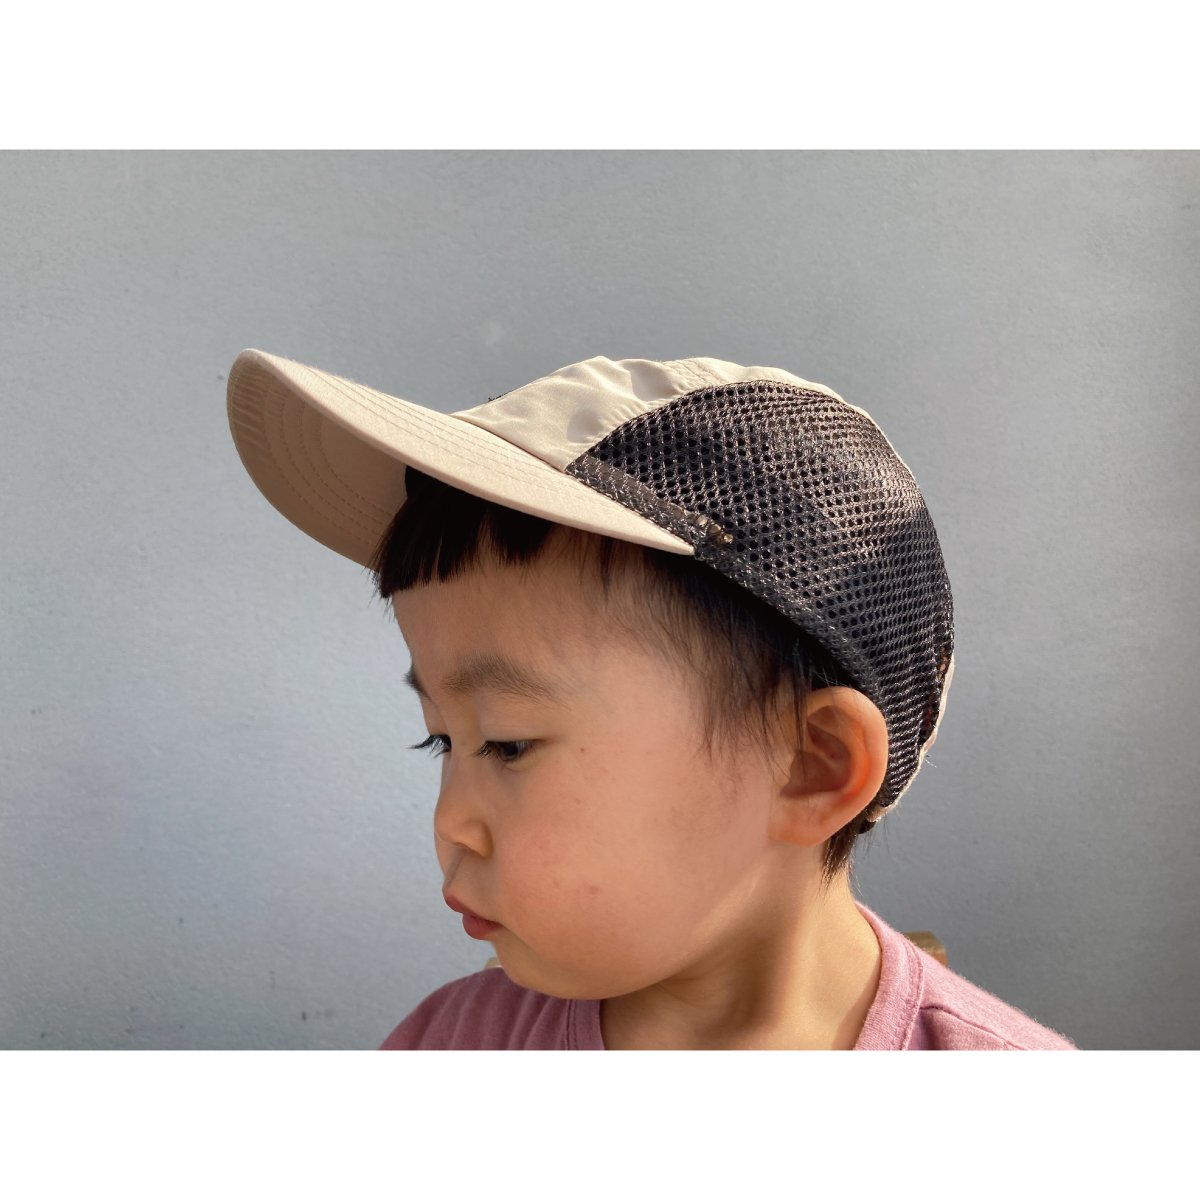 【KIDS】Kids Gear Jet Cap 詳細画像13